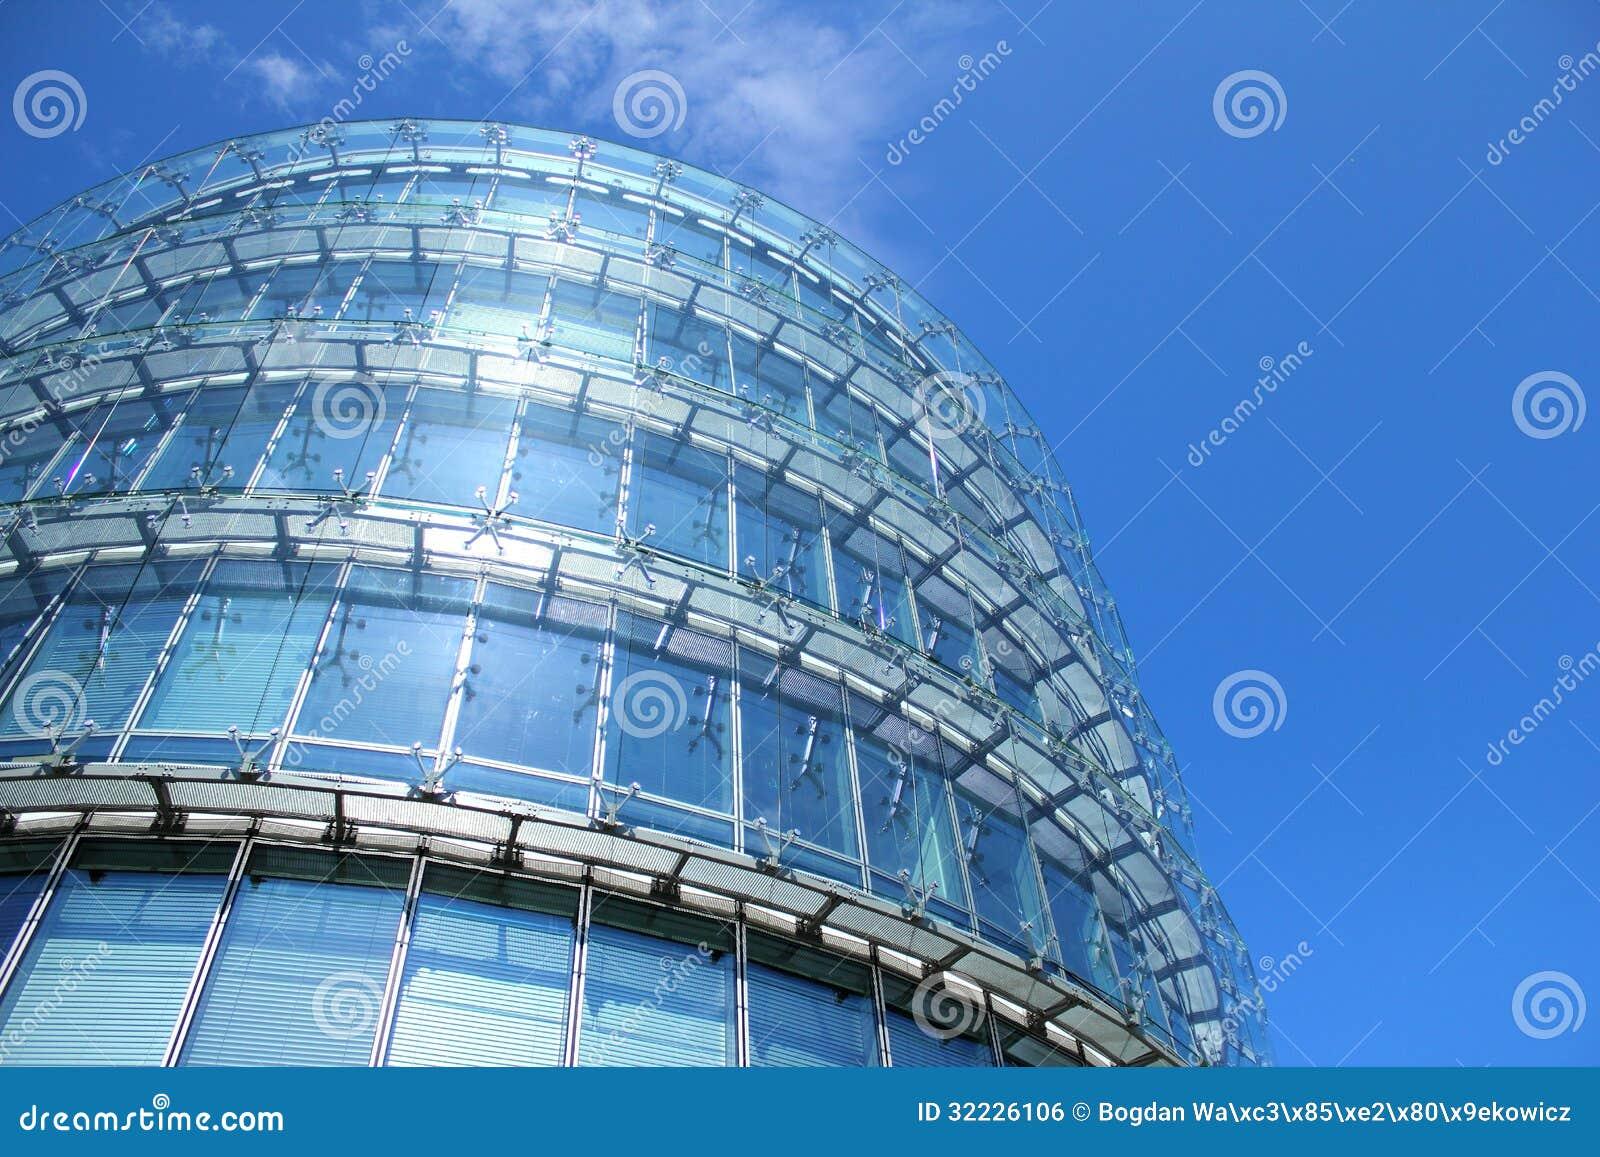 Download Metal De Vidro Do Nad Que Constrói Sobre O Céu Azul Foto de Stock - Imagem de construção, modernidade: 32226106